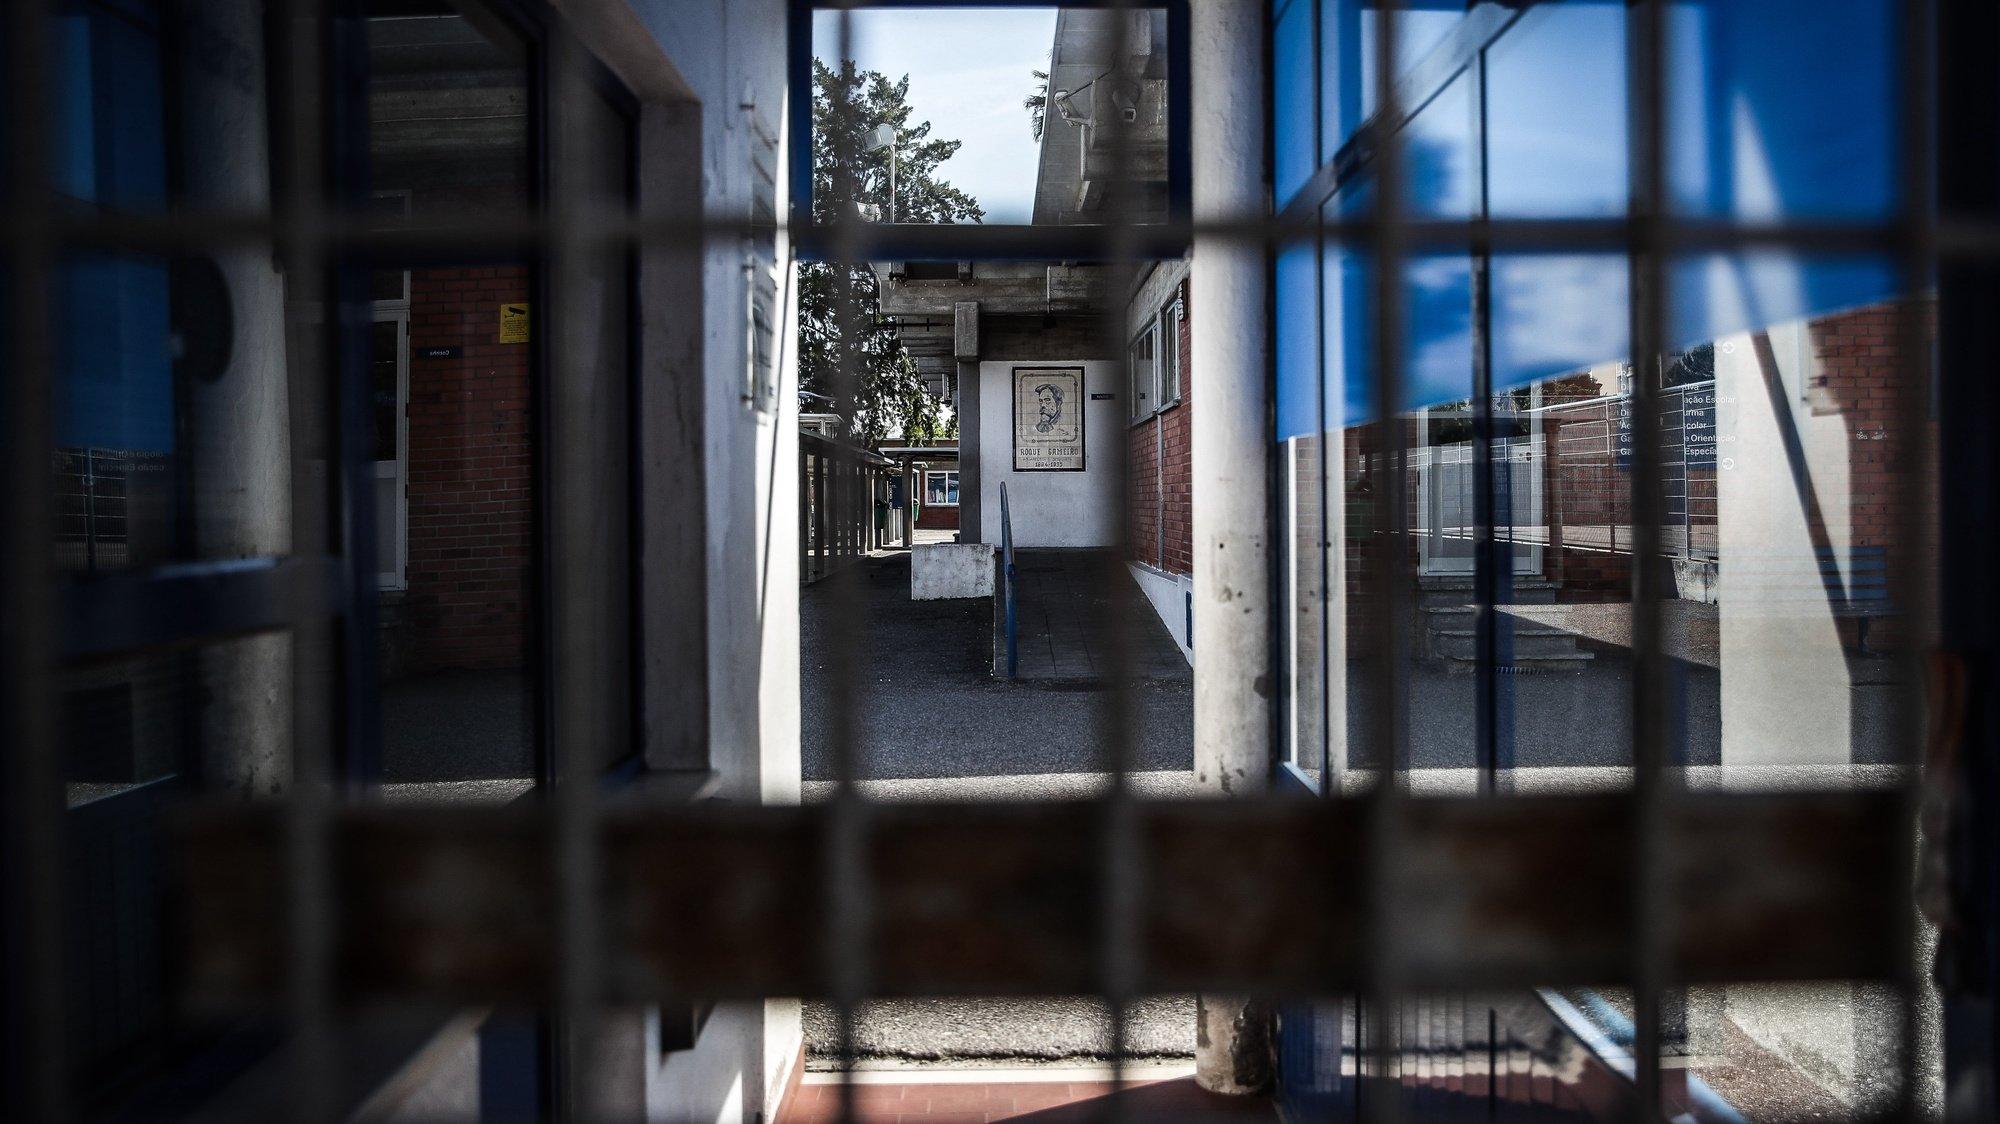 A Escola Básica 2,3 Roque Gameiro encontra-se encerrada depois de identificados casos de coronavírus, Amadora, 11 de março de 2020. Em Portugal, a Direção Geral da Saúde (DGS) atualizou hoje o número de infetados pelo Covid-19, que registou o maior aumento num dia (18), ao passar de 41 para 59.  MÁRIO CRUZ/LUSA